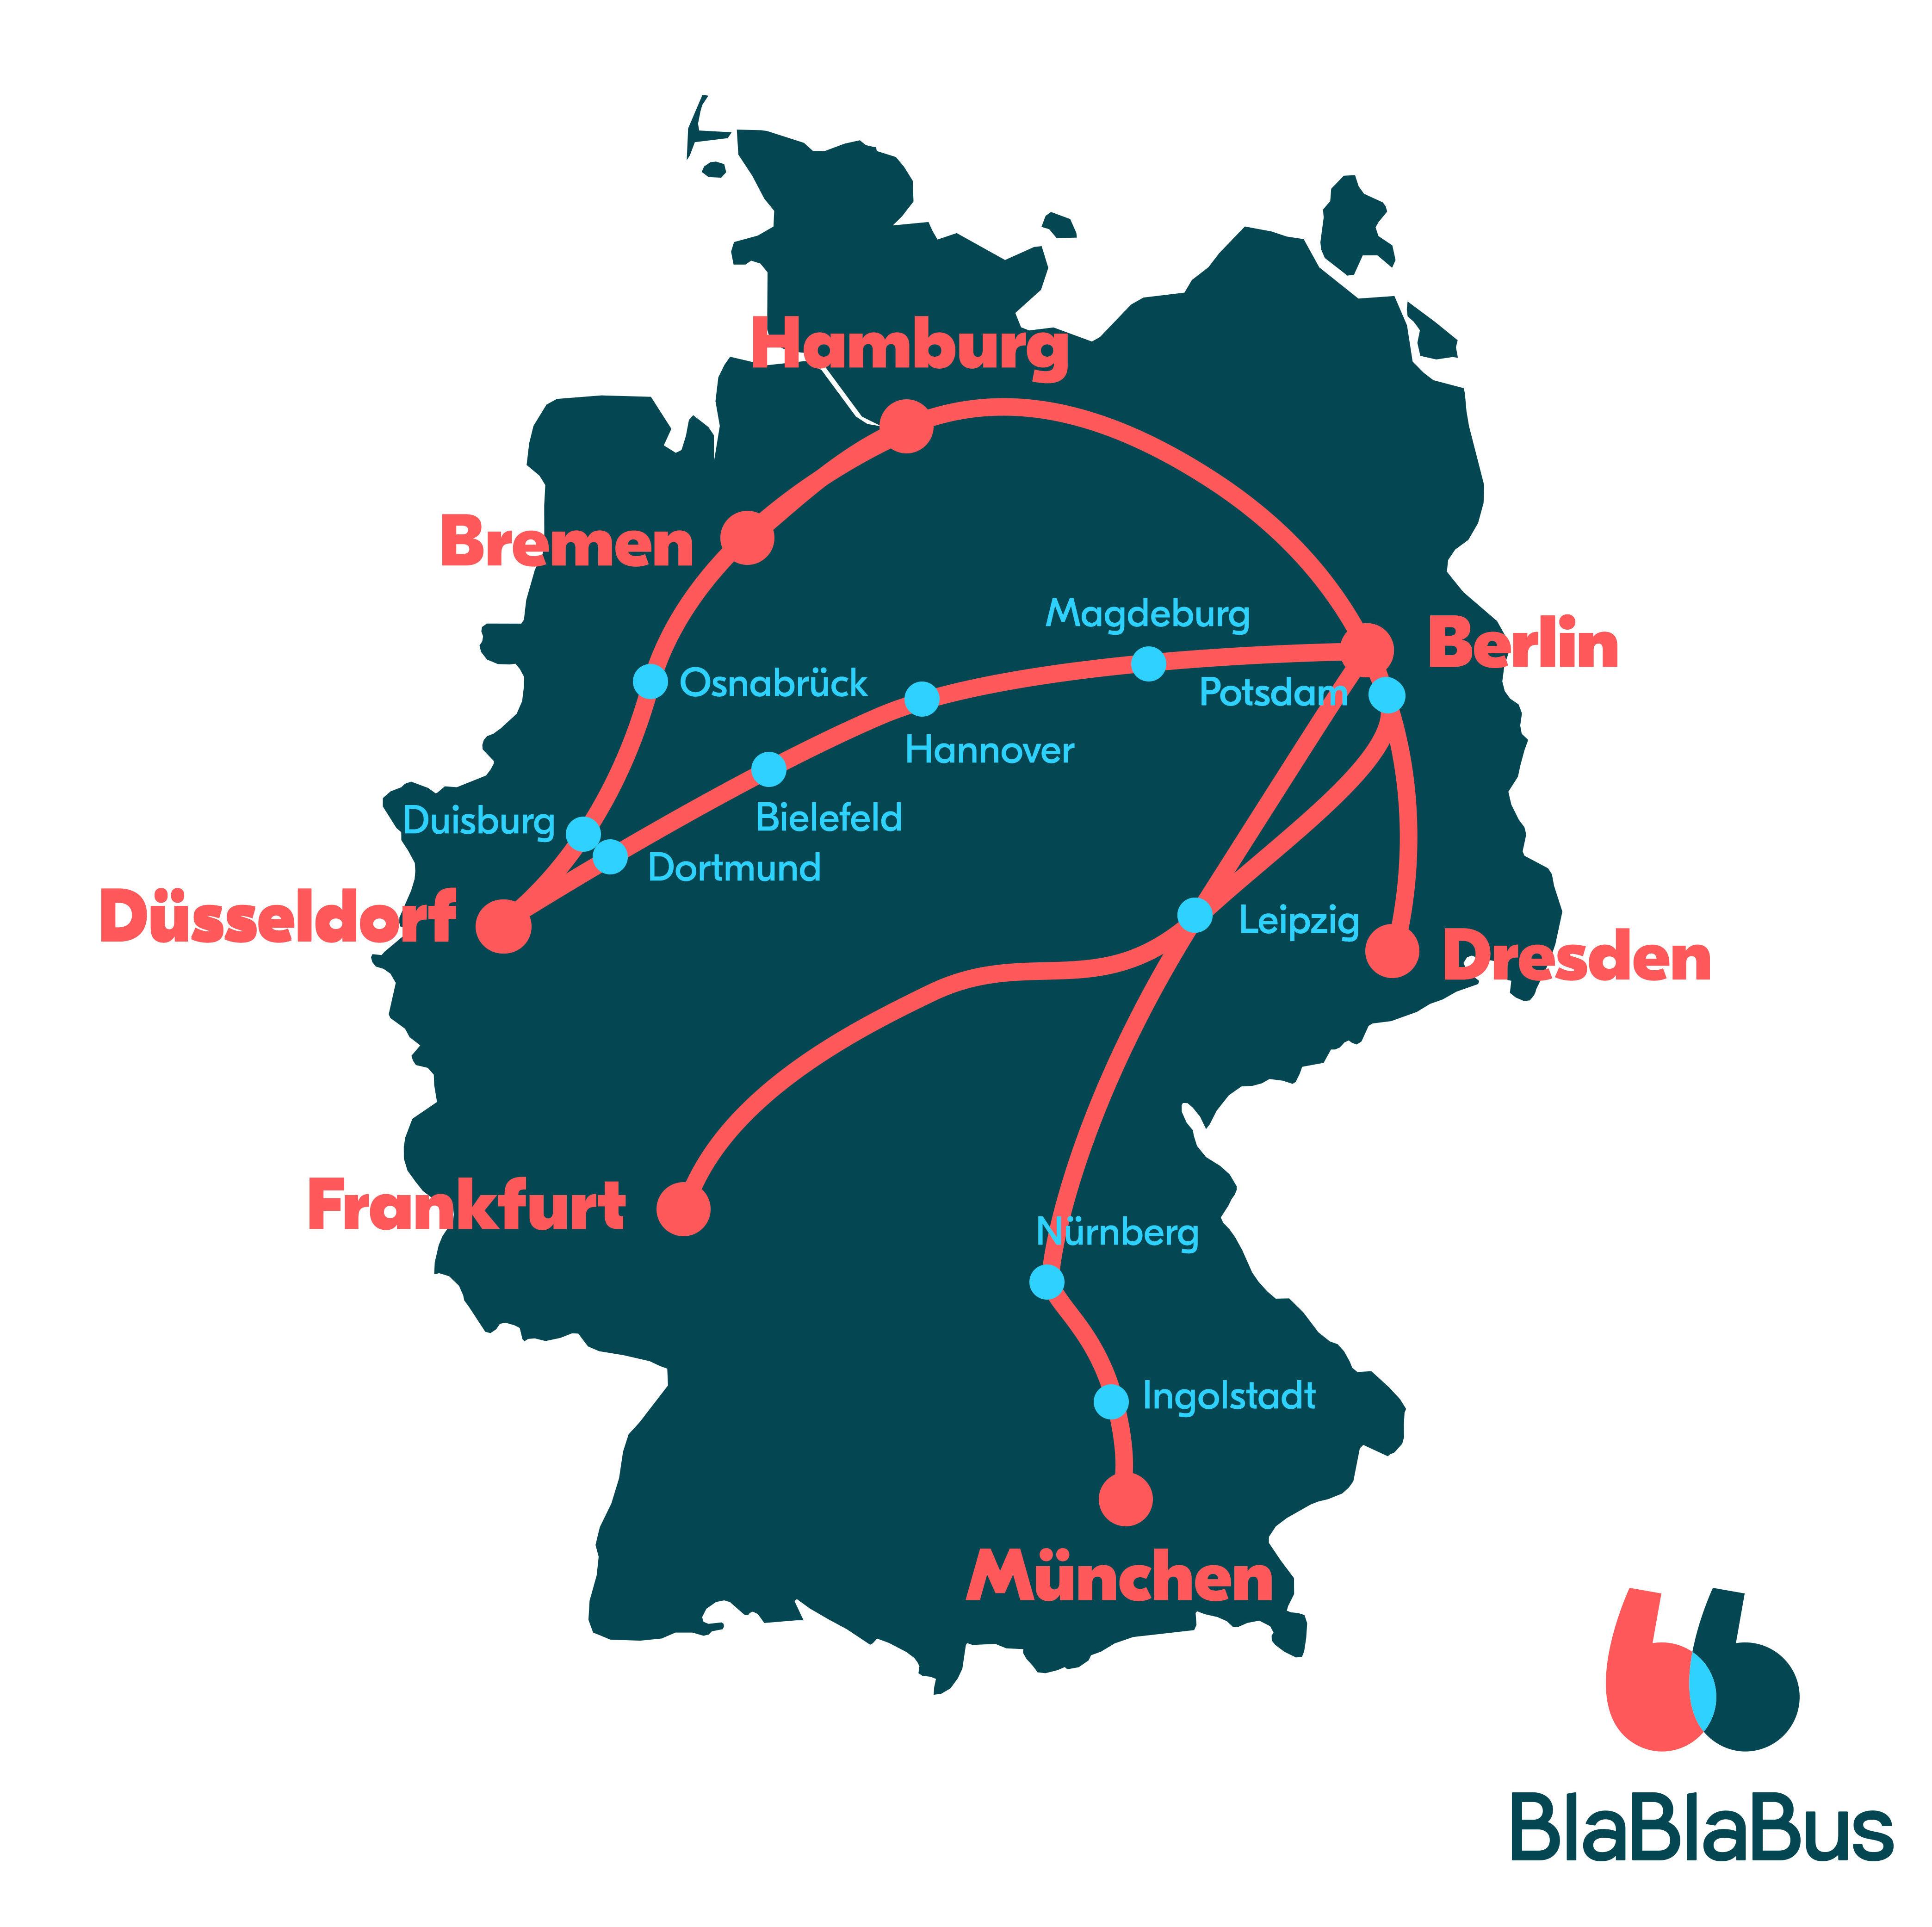 BlaBlaCar bringt BlaBlaBus auf die Straße